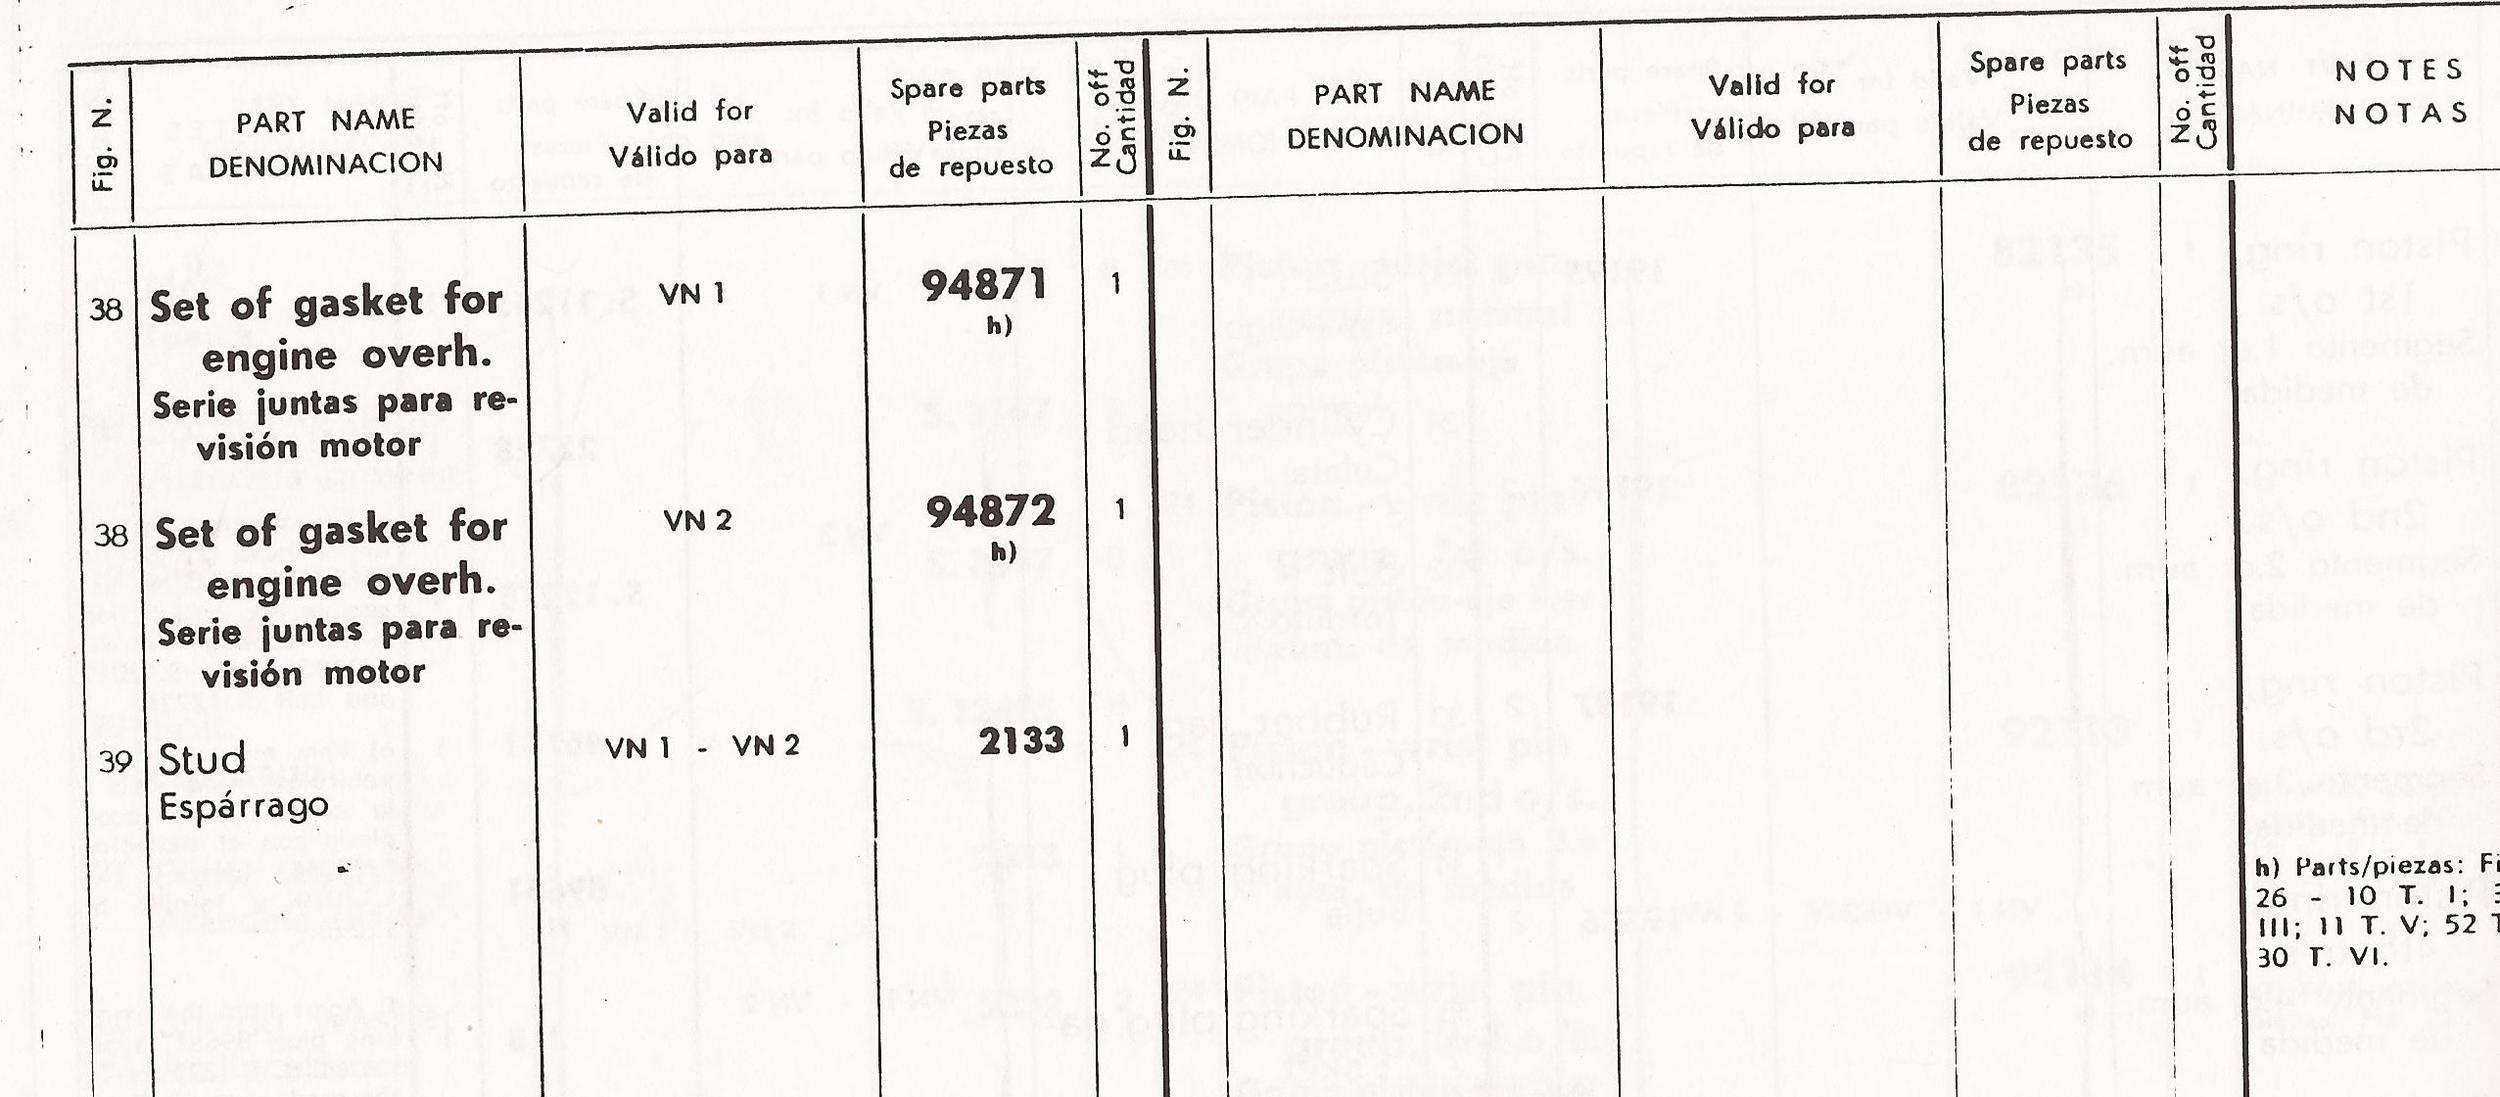 07-16-2013 vespa 125 catalog manuel 13.jpg